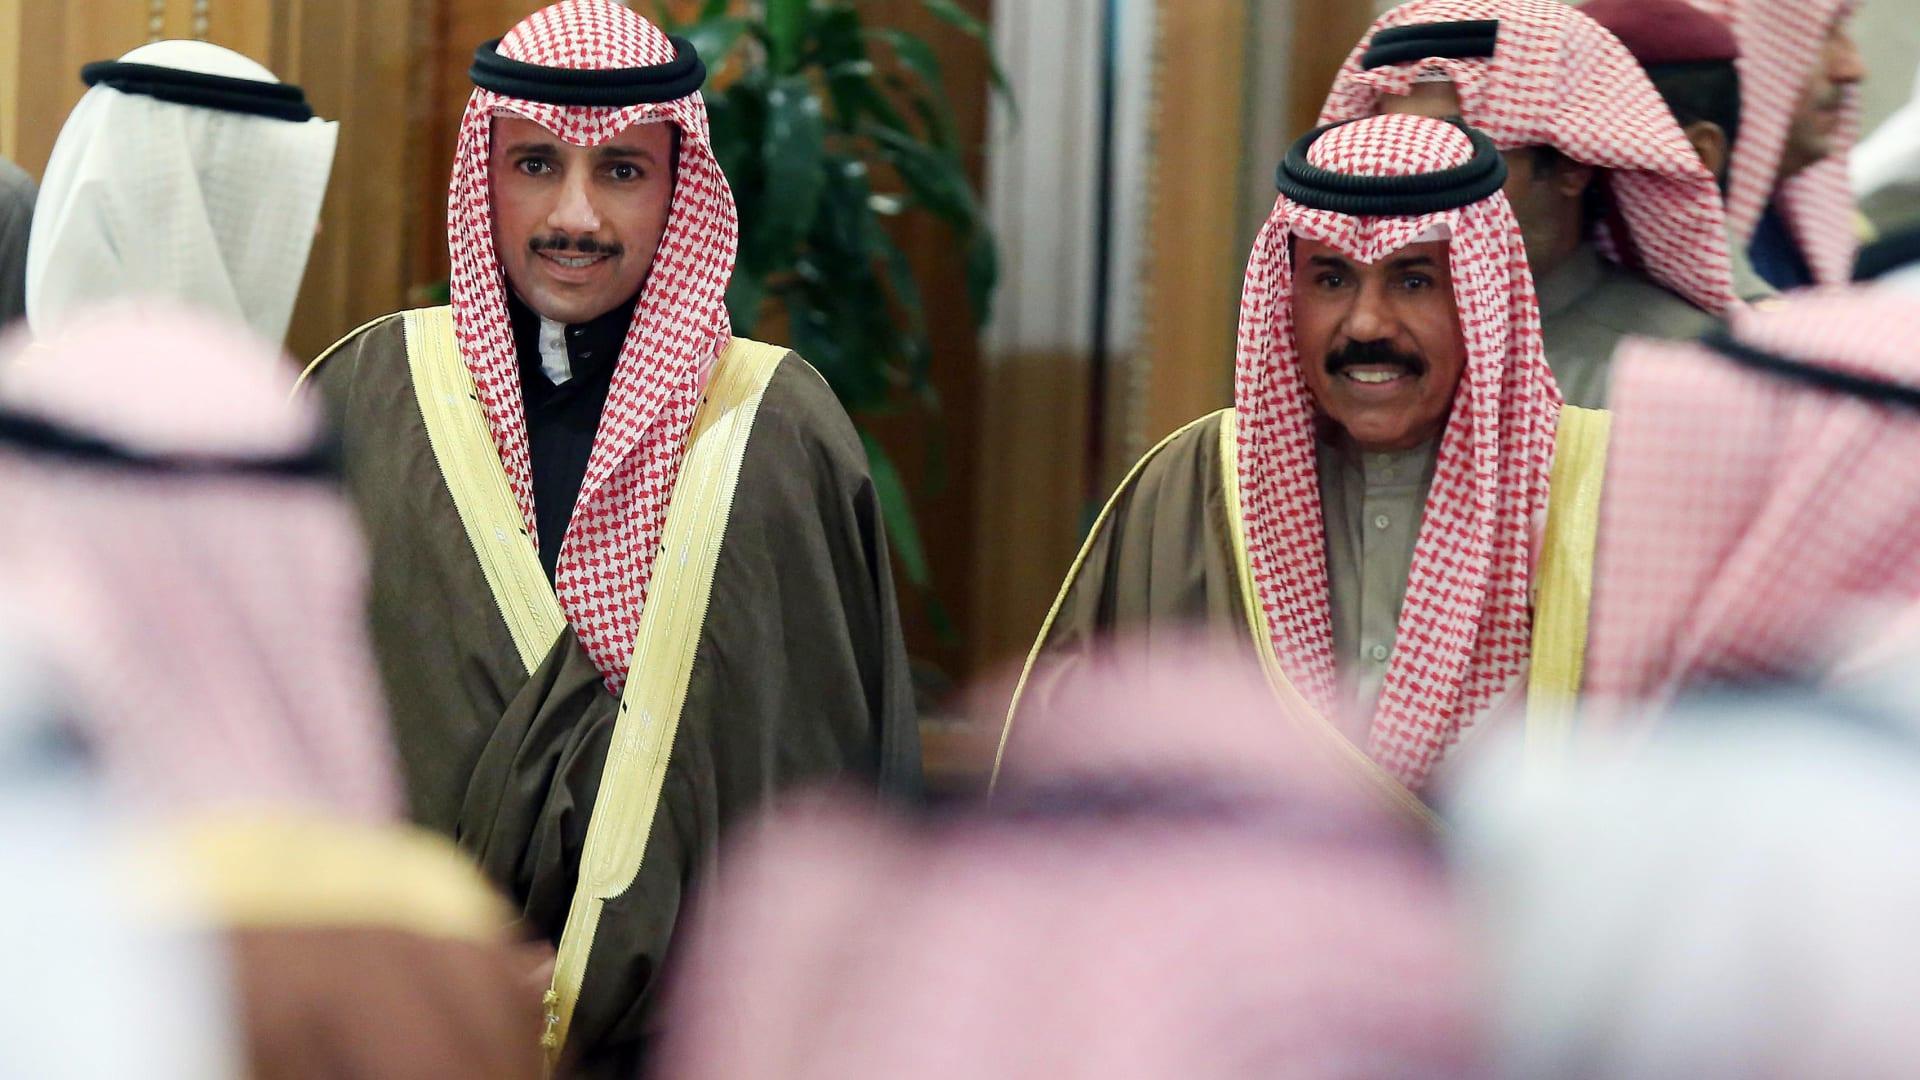 الغانم: أمير الكويت الشيخ نواف الأحمد الصباح يؤدي اليمين الدستورية الأربعاء